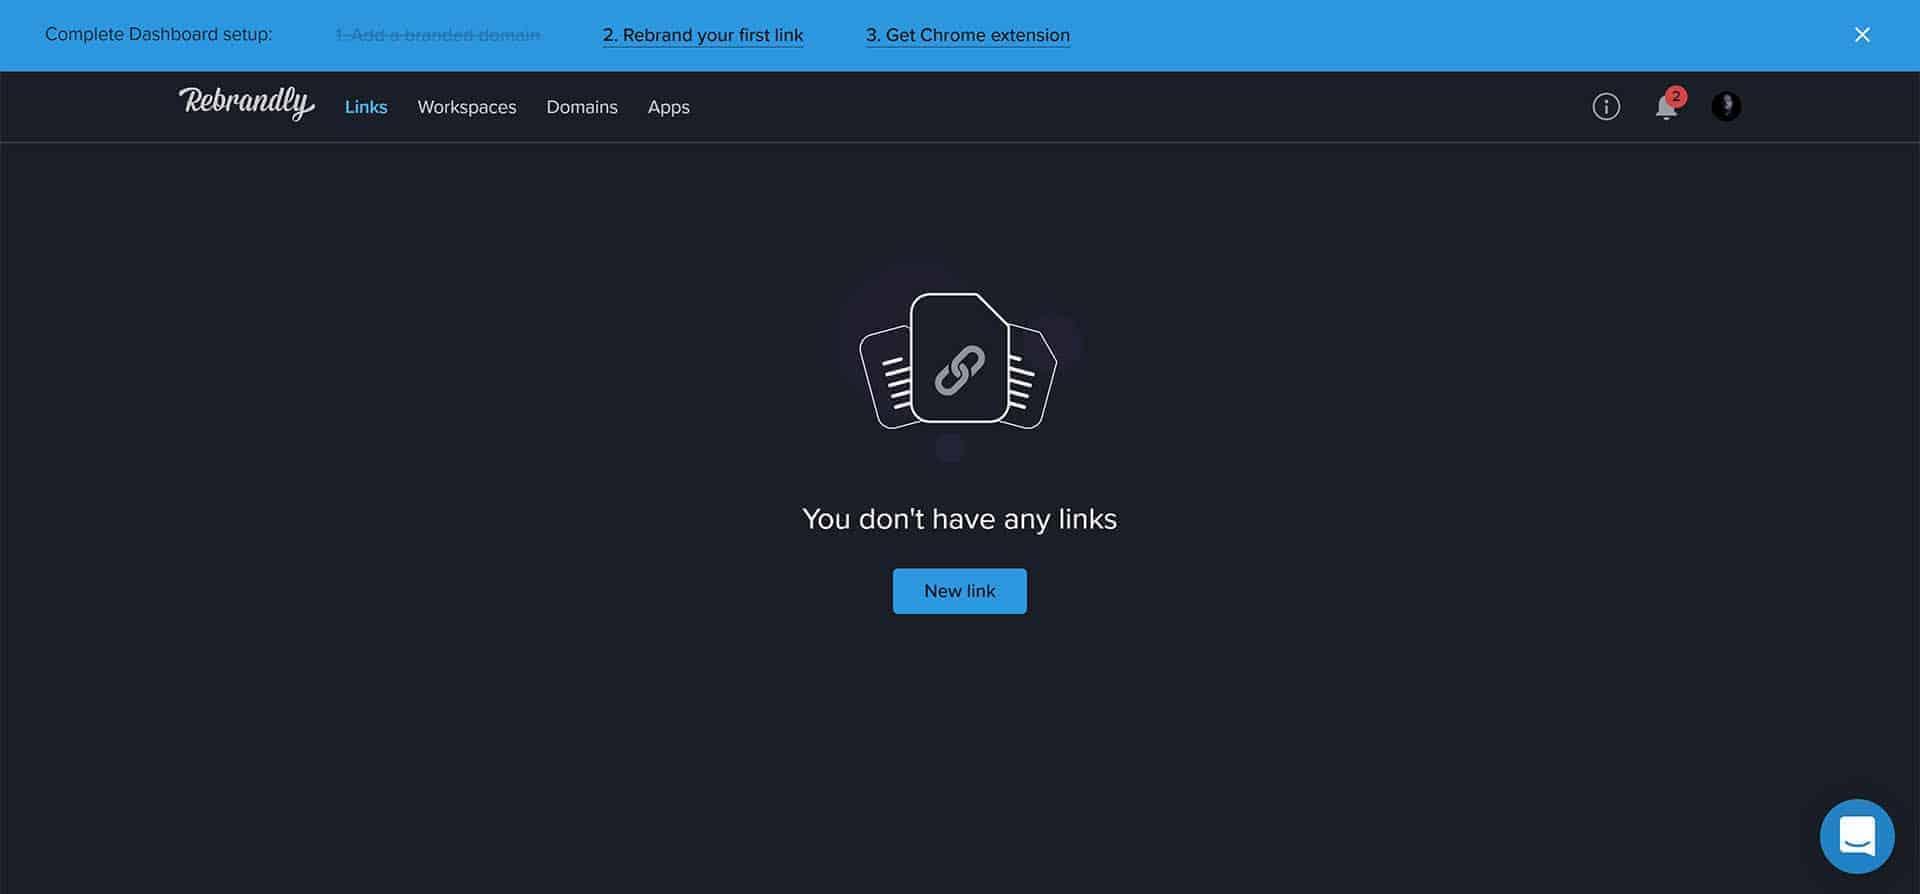 Rebrandly te permite acortar una URL con muchas opciones con una cuenta gratuita.